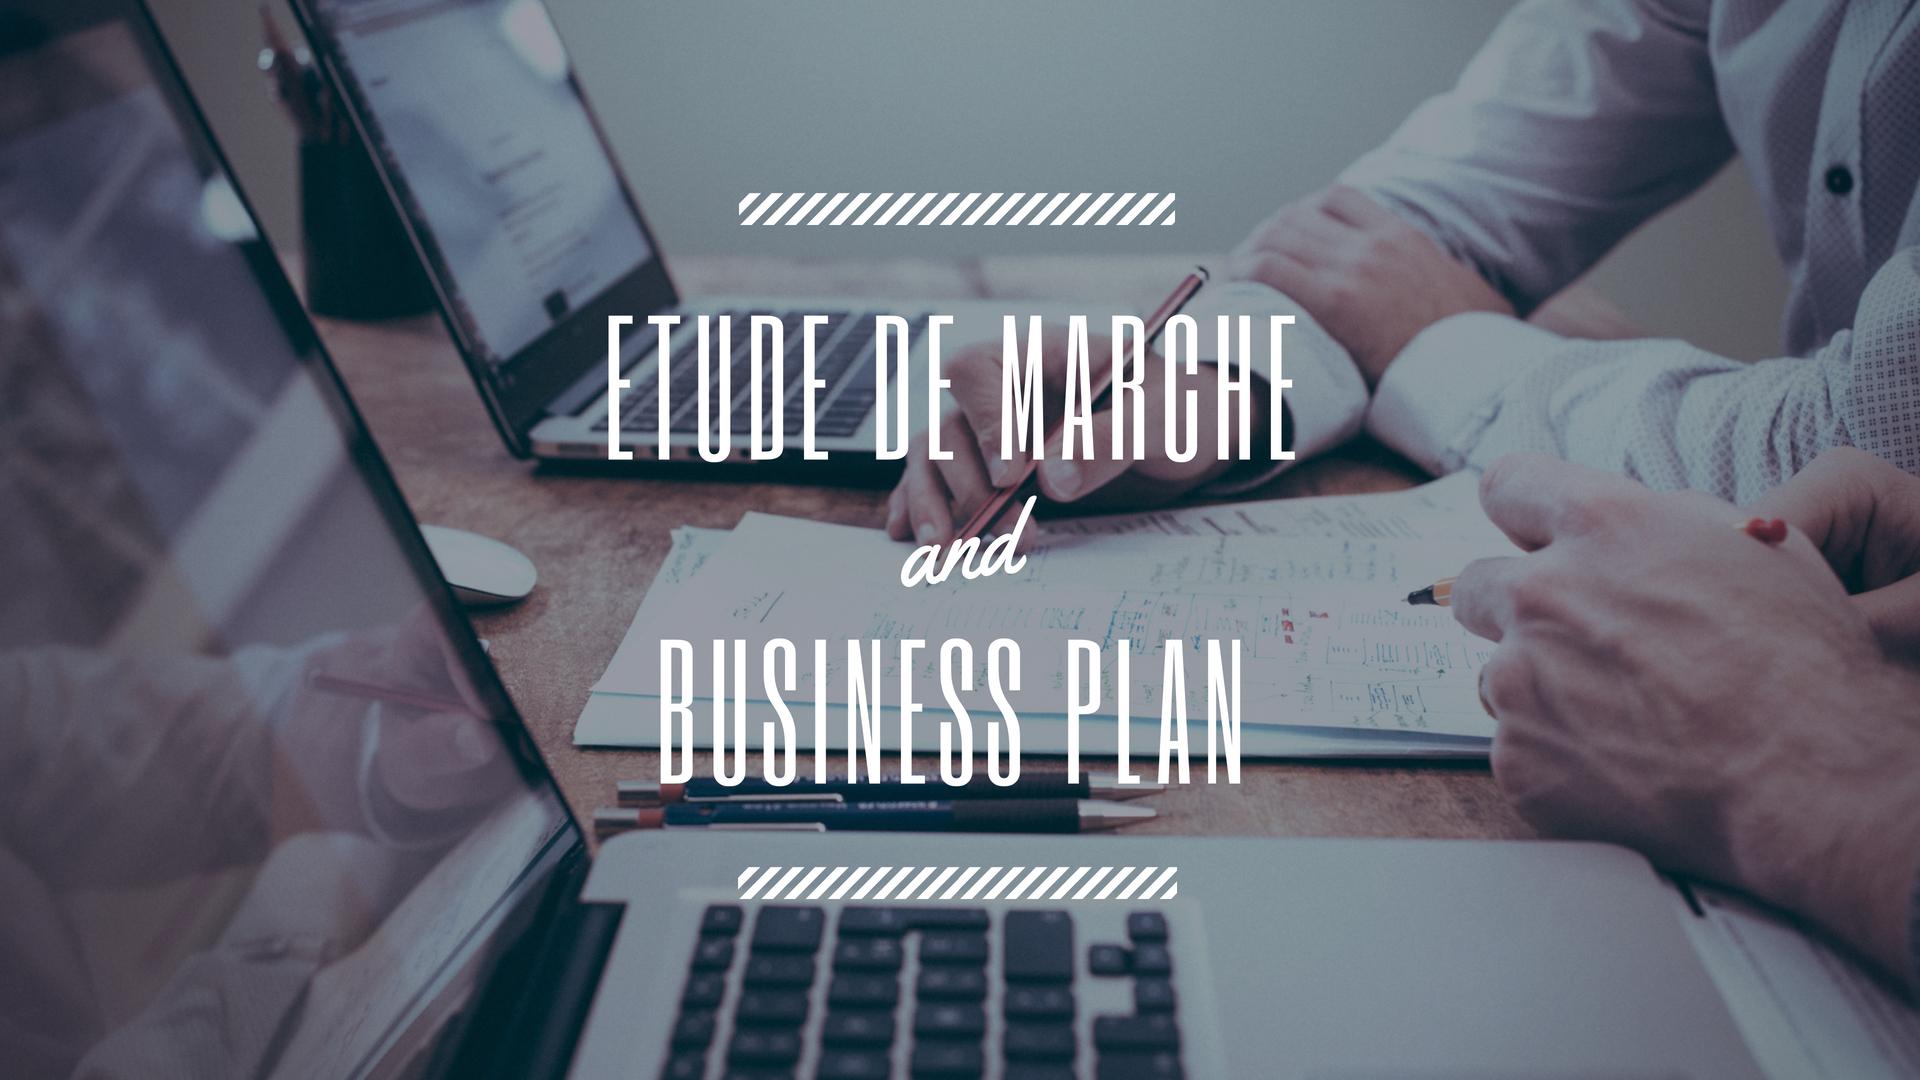 Il est nécessaire d fair une étude de marche et un business plan pour lancer son entreprise aux USA.